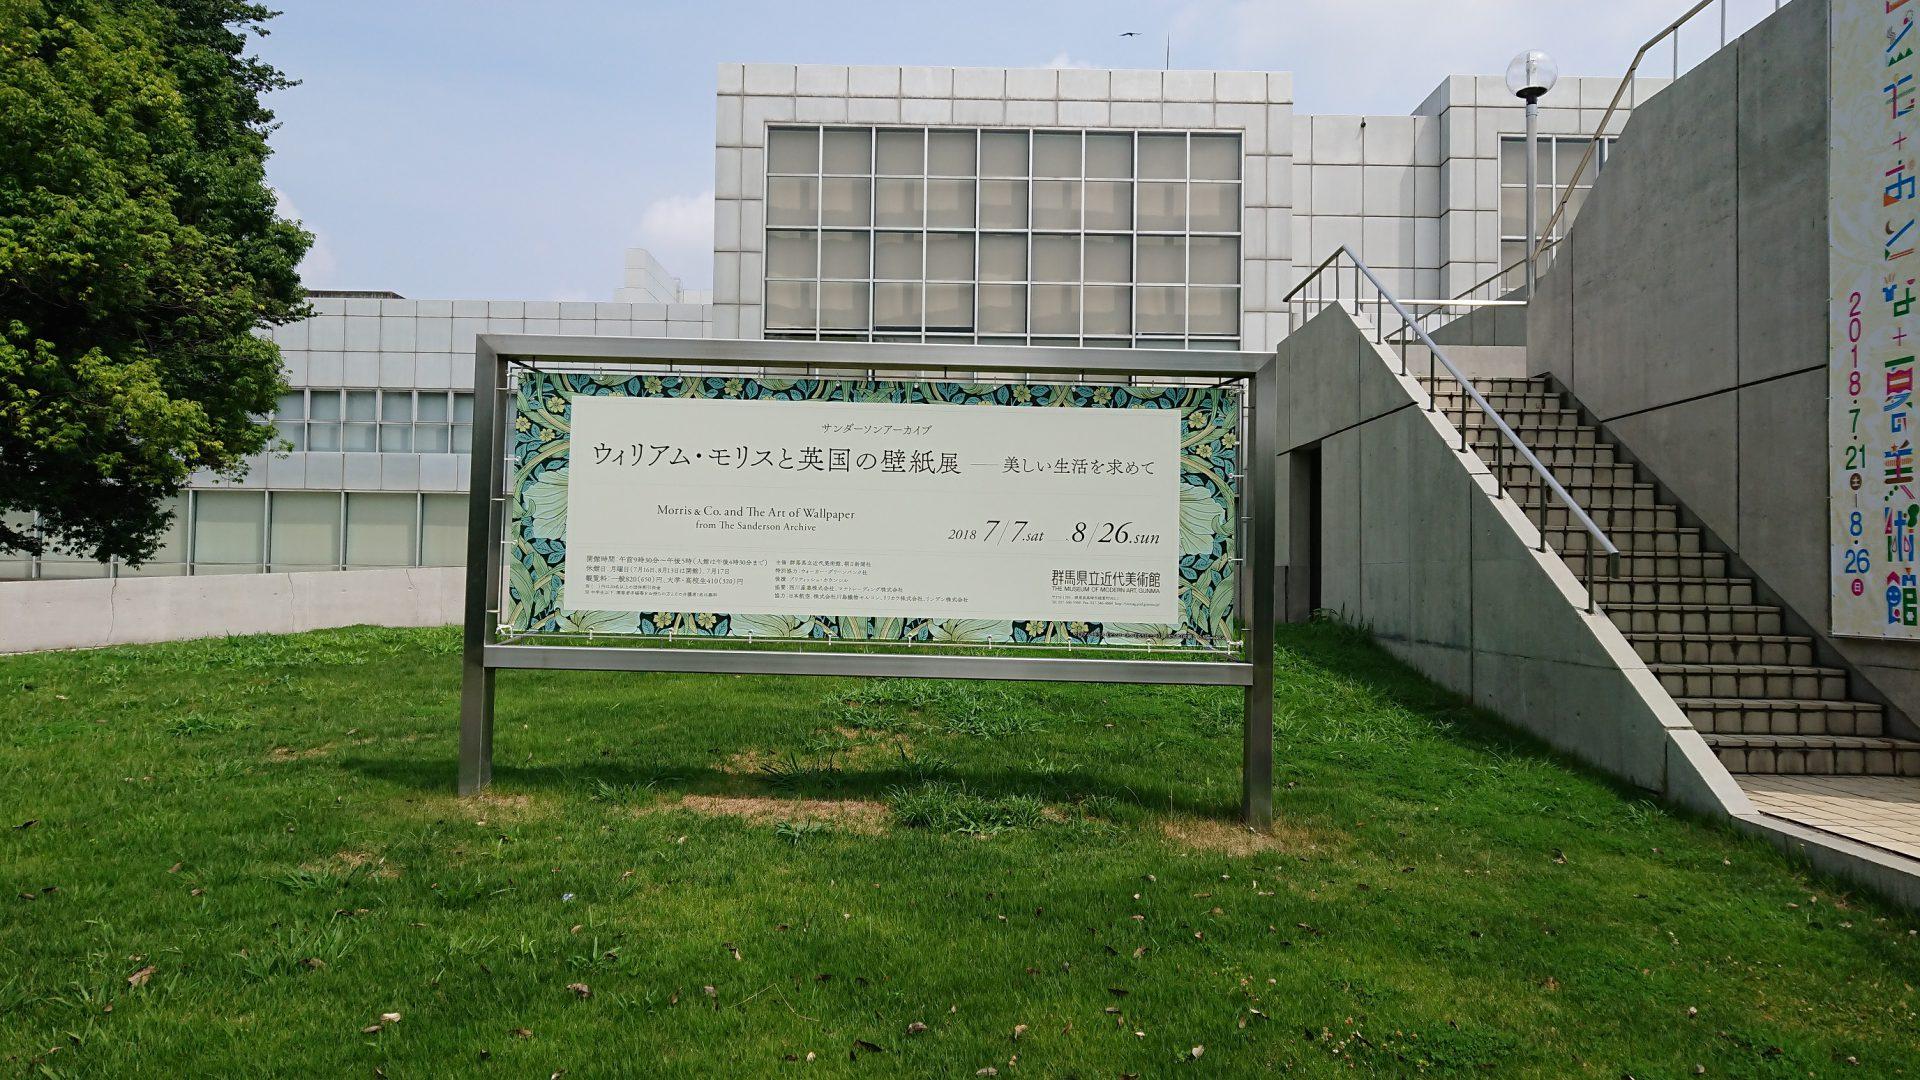 群馬県立近代美術館 ウィリアム モリスと英国の壁紙展 美しい生活